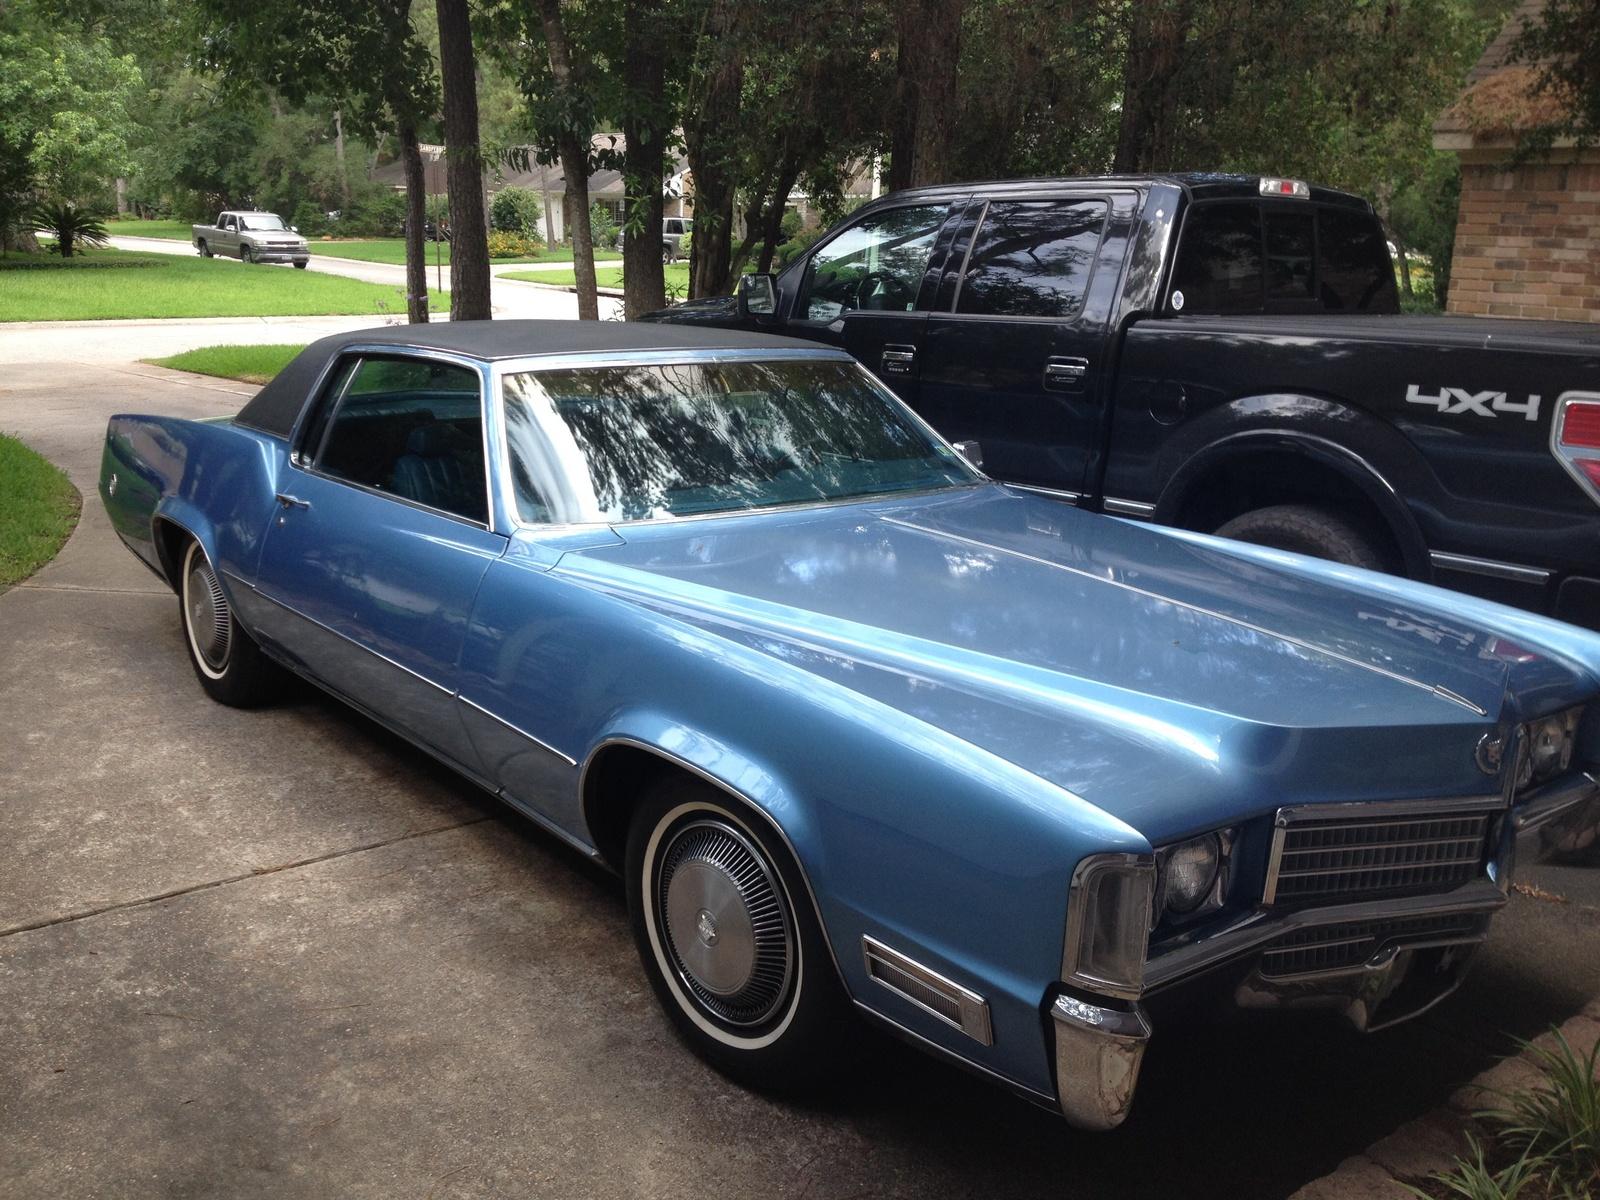 1970 Cadillac Eldorado - Overview - CarGurus